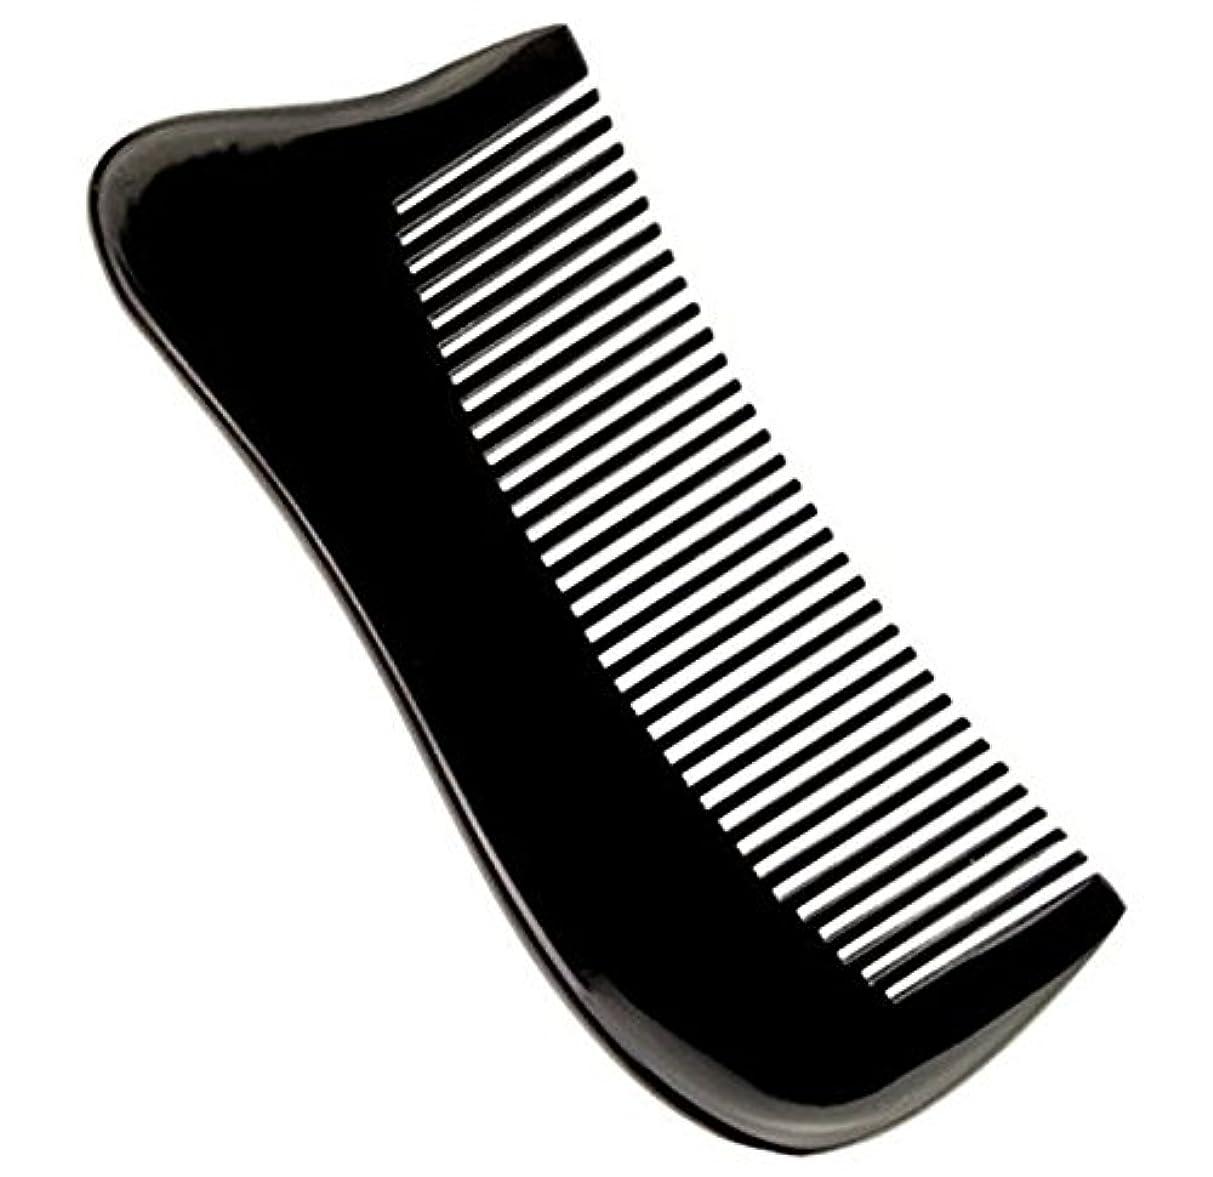 拡大する通行料金甘味櫛型 プロも使う牛角かっさプレート マサージ用 血行改善 高級 天然 静電気防止 美髪 美顔 ボディ リンパマッサージ